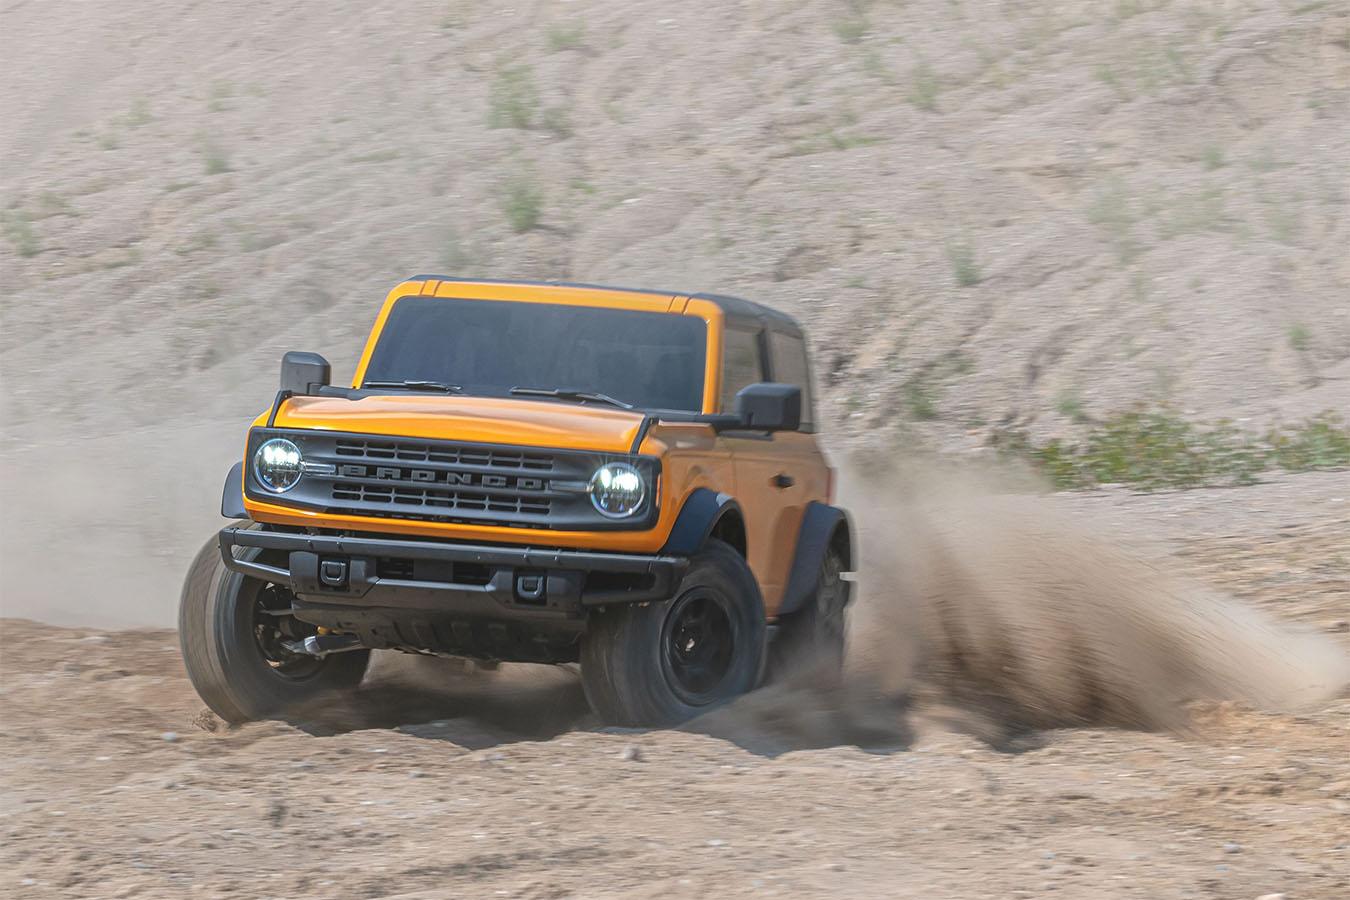 ford bronco first edition amarelo de frente em movimento